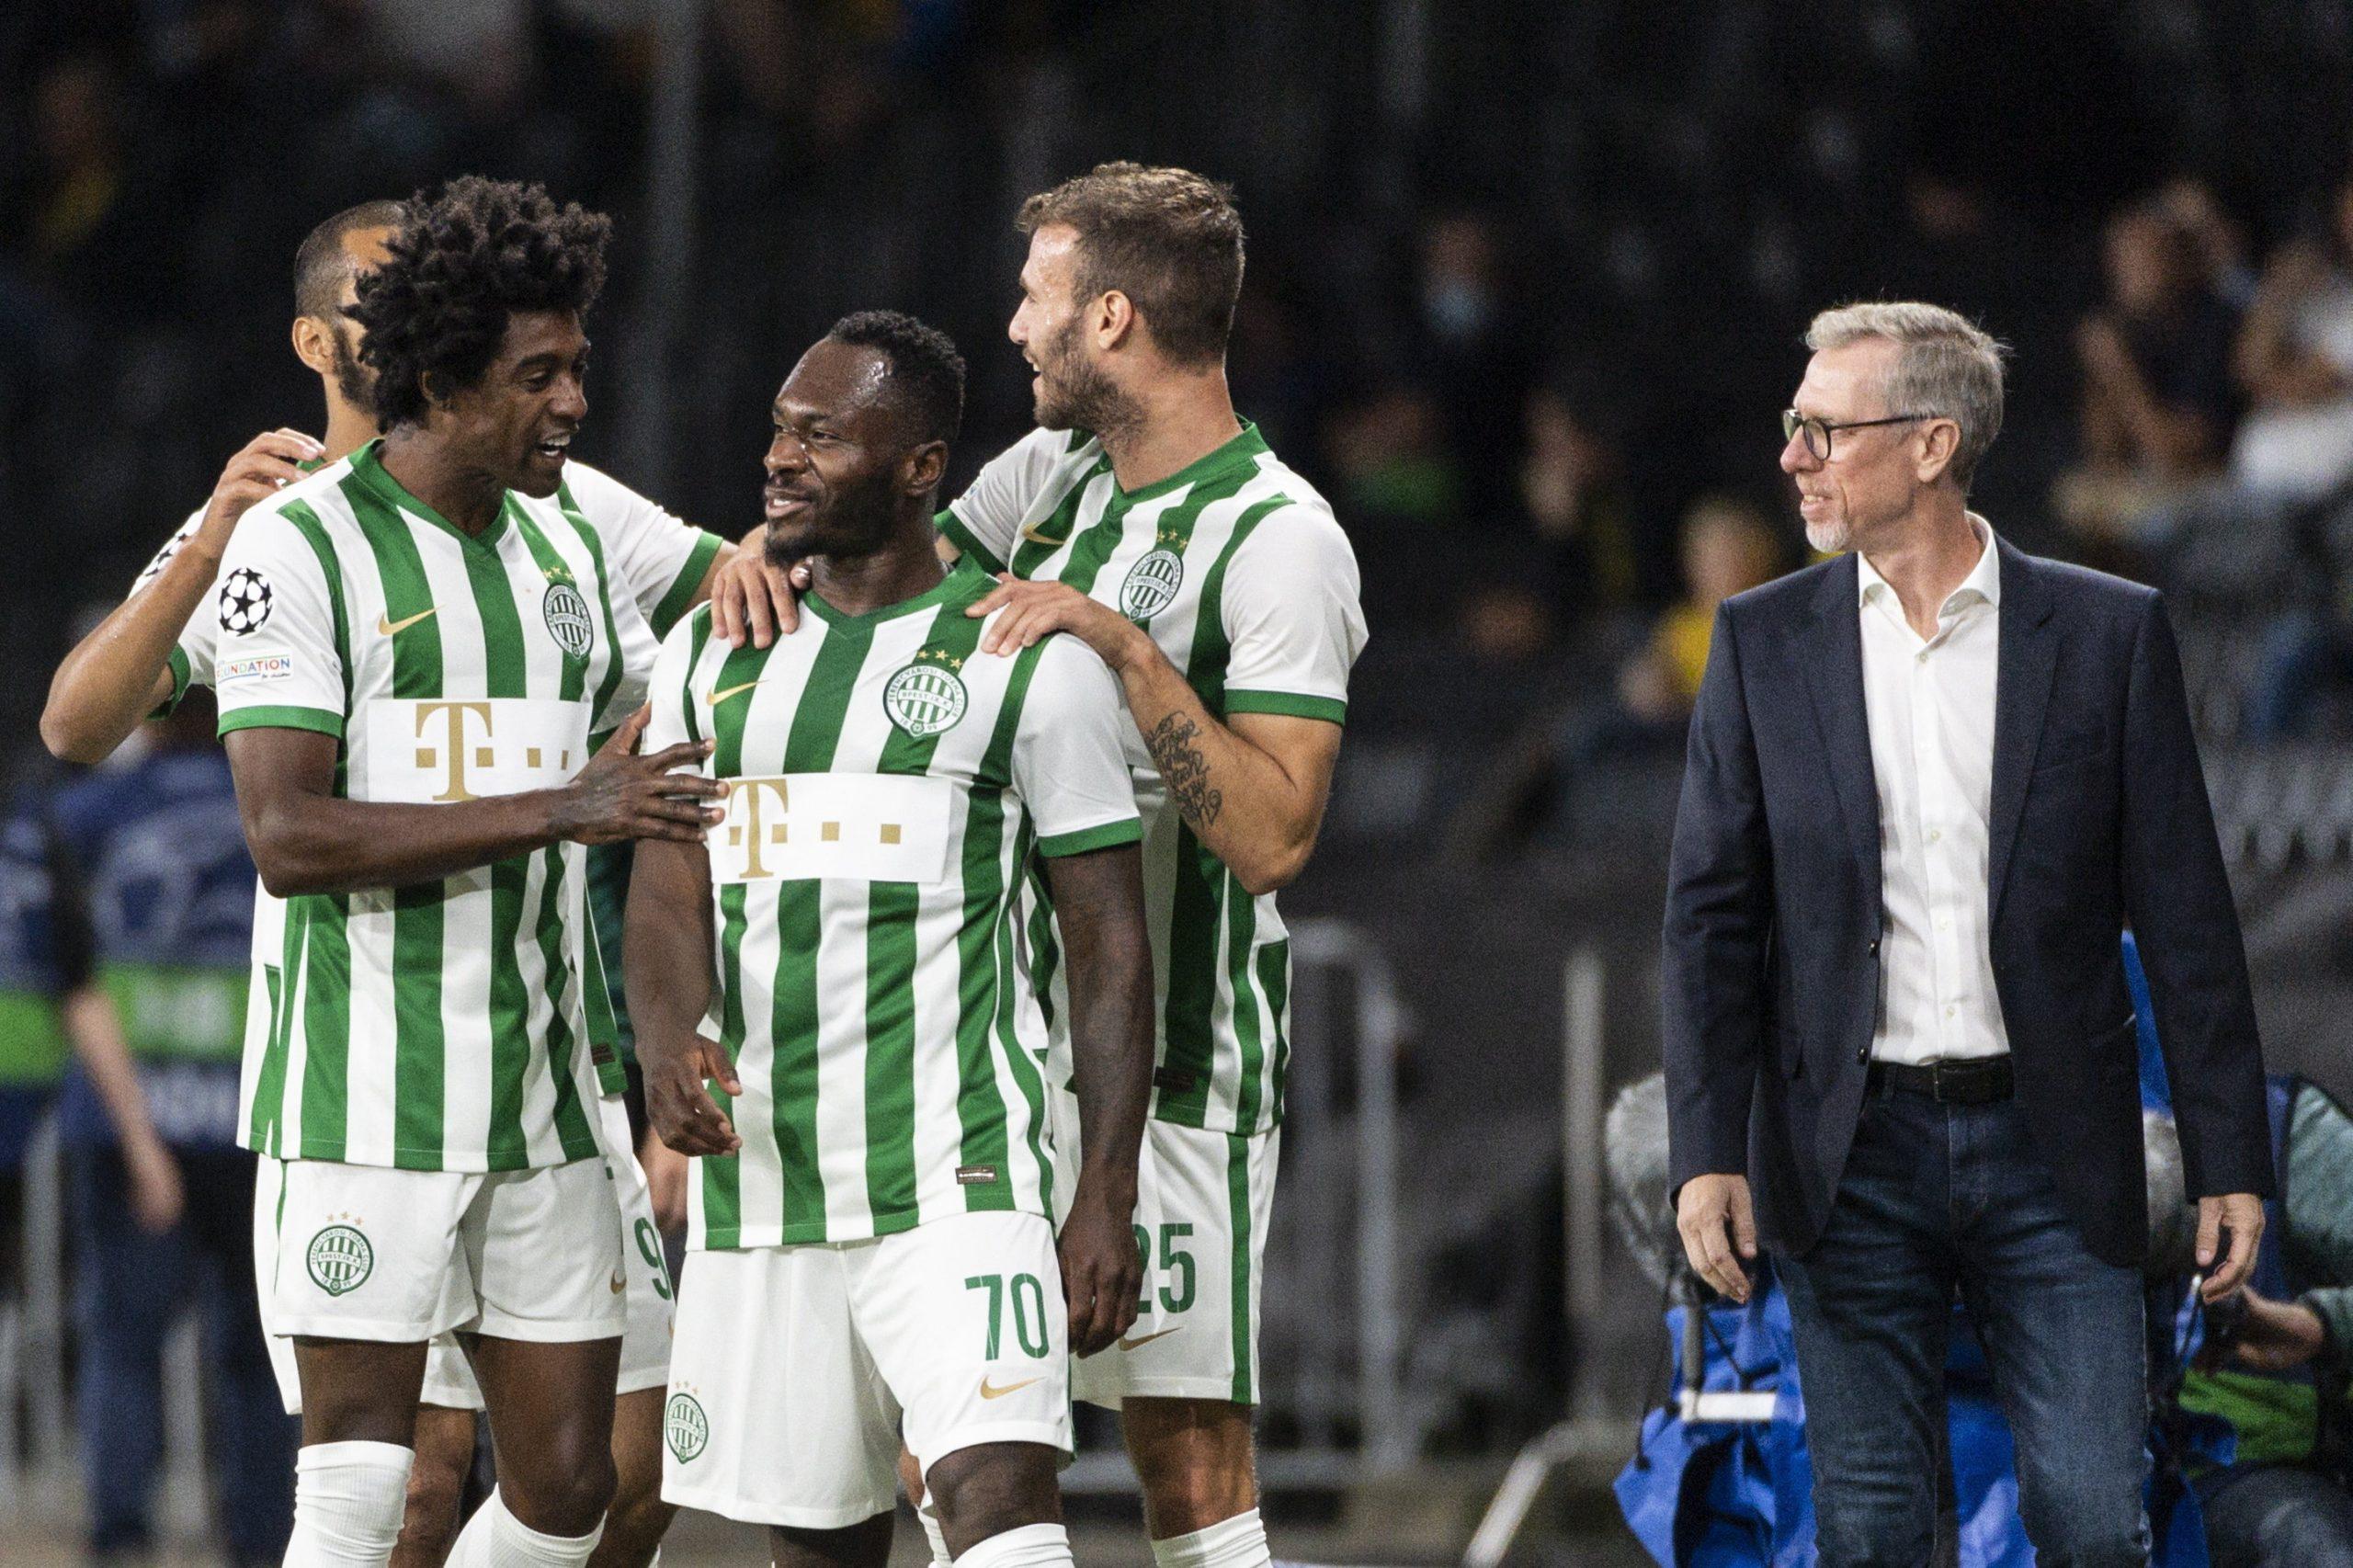 Fradi im CL-Play-off: Endstand ist in Ordung, Cheftrainer Stöger ist aber unzufrieden